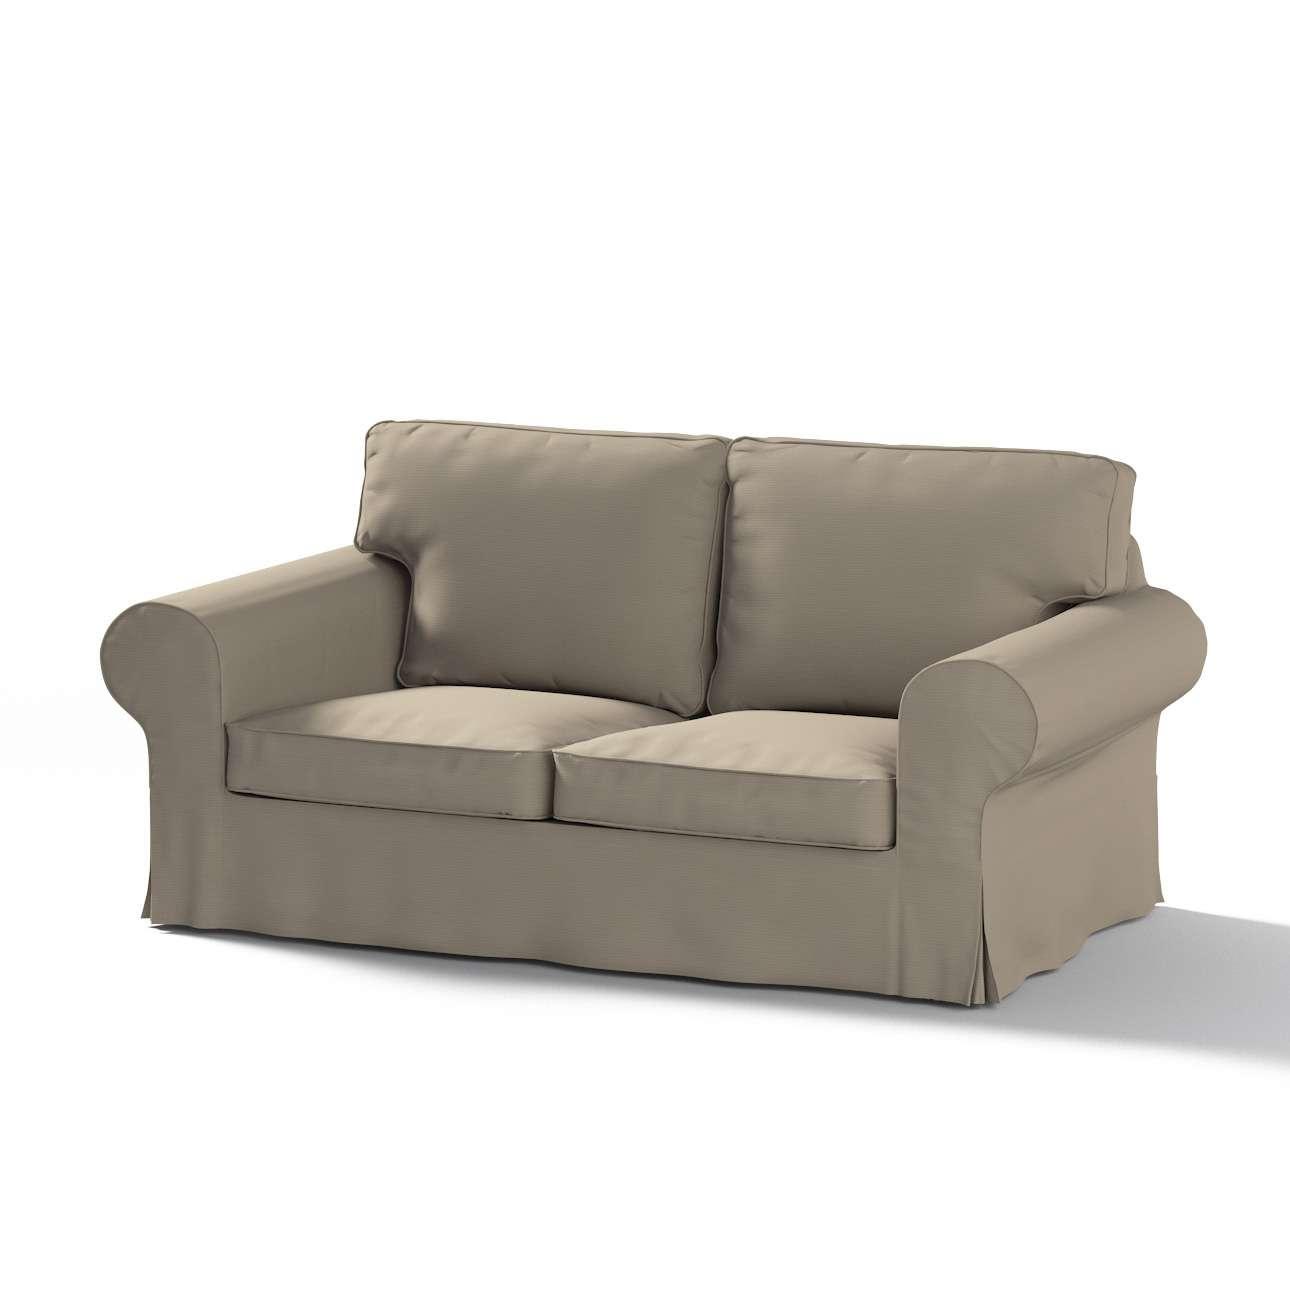 Ektorp betræk 2 sæder sovesofa<br/>fra 2012<br/>Bredde ca 200cm fra kollektionen Cotton Panama, Stof: 702-28